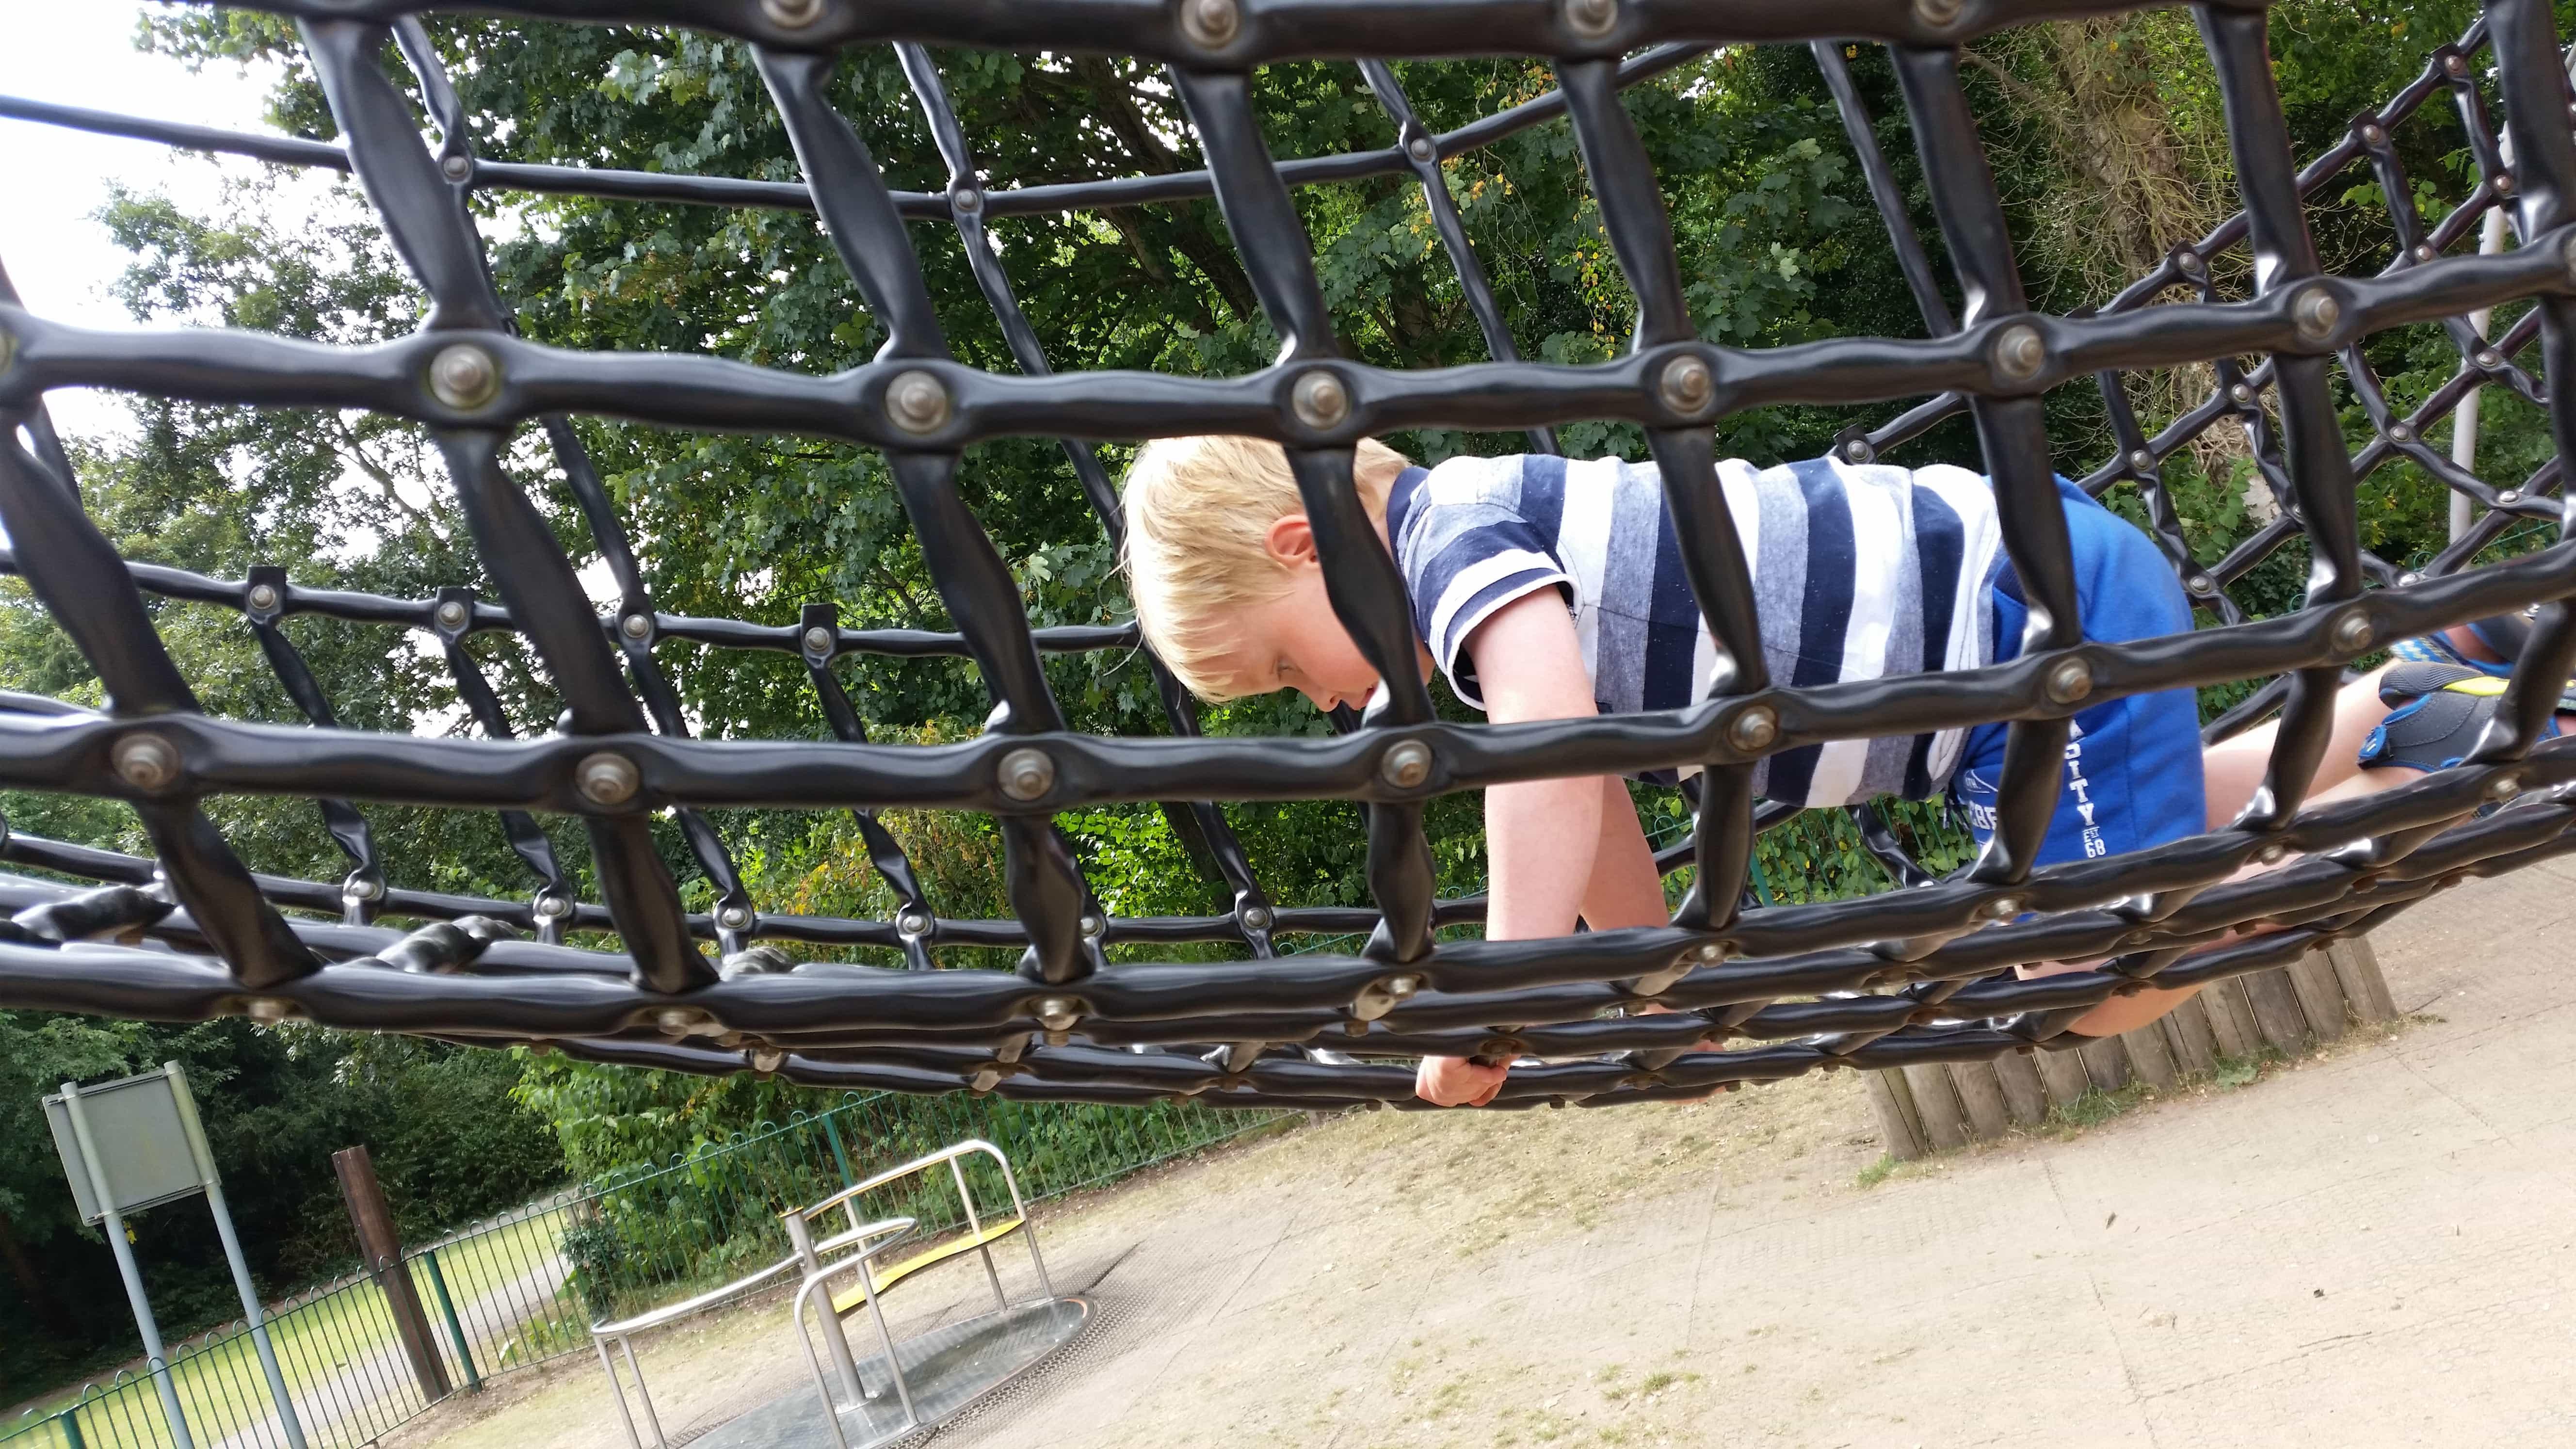 Hartsholme park has a children's play area